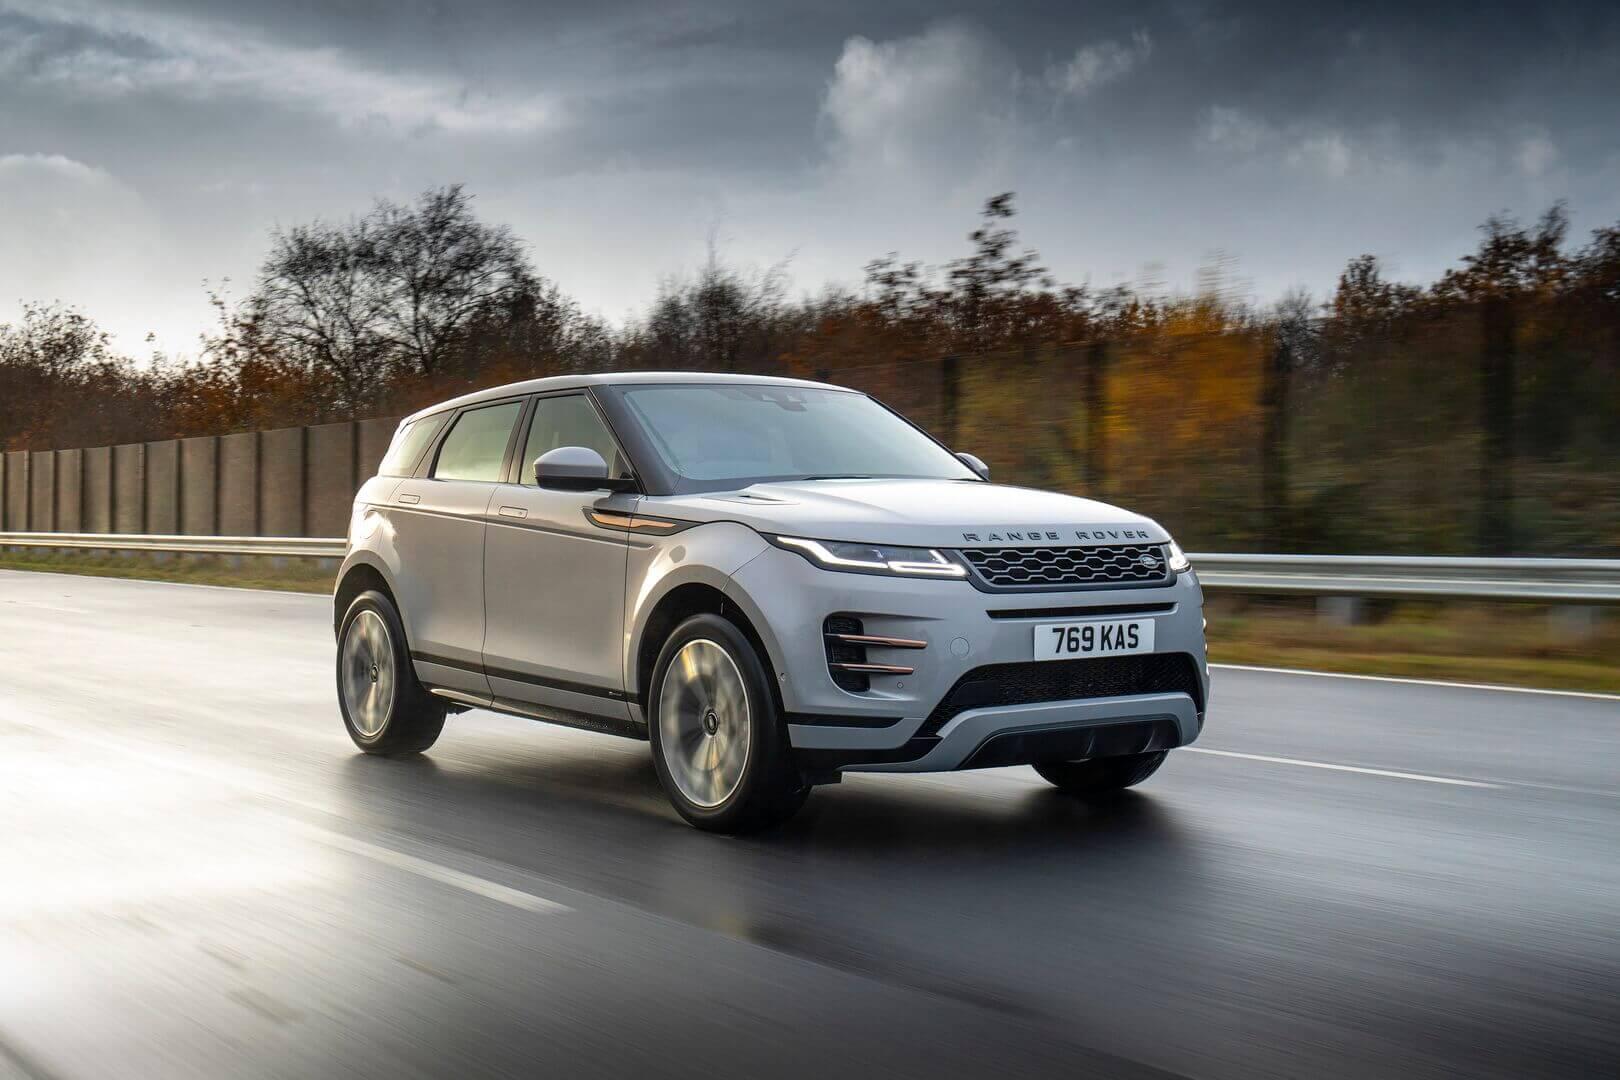 Range Rover Evoque представлено у плагін-гібридній версії з електричним запасом ходу до 66 км